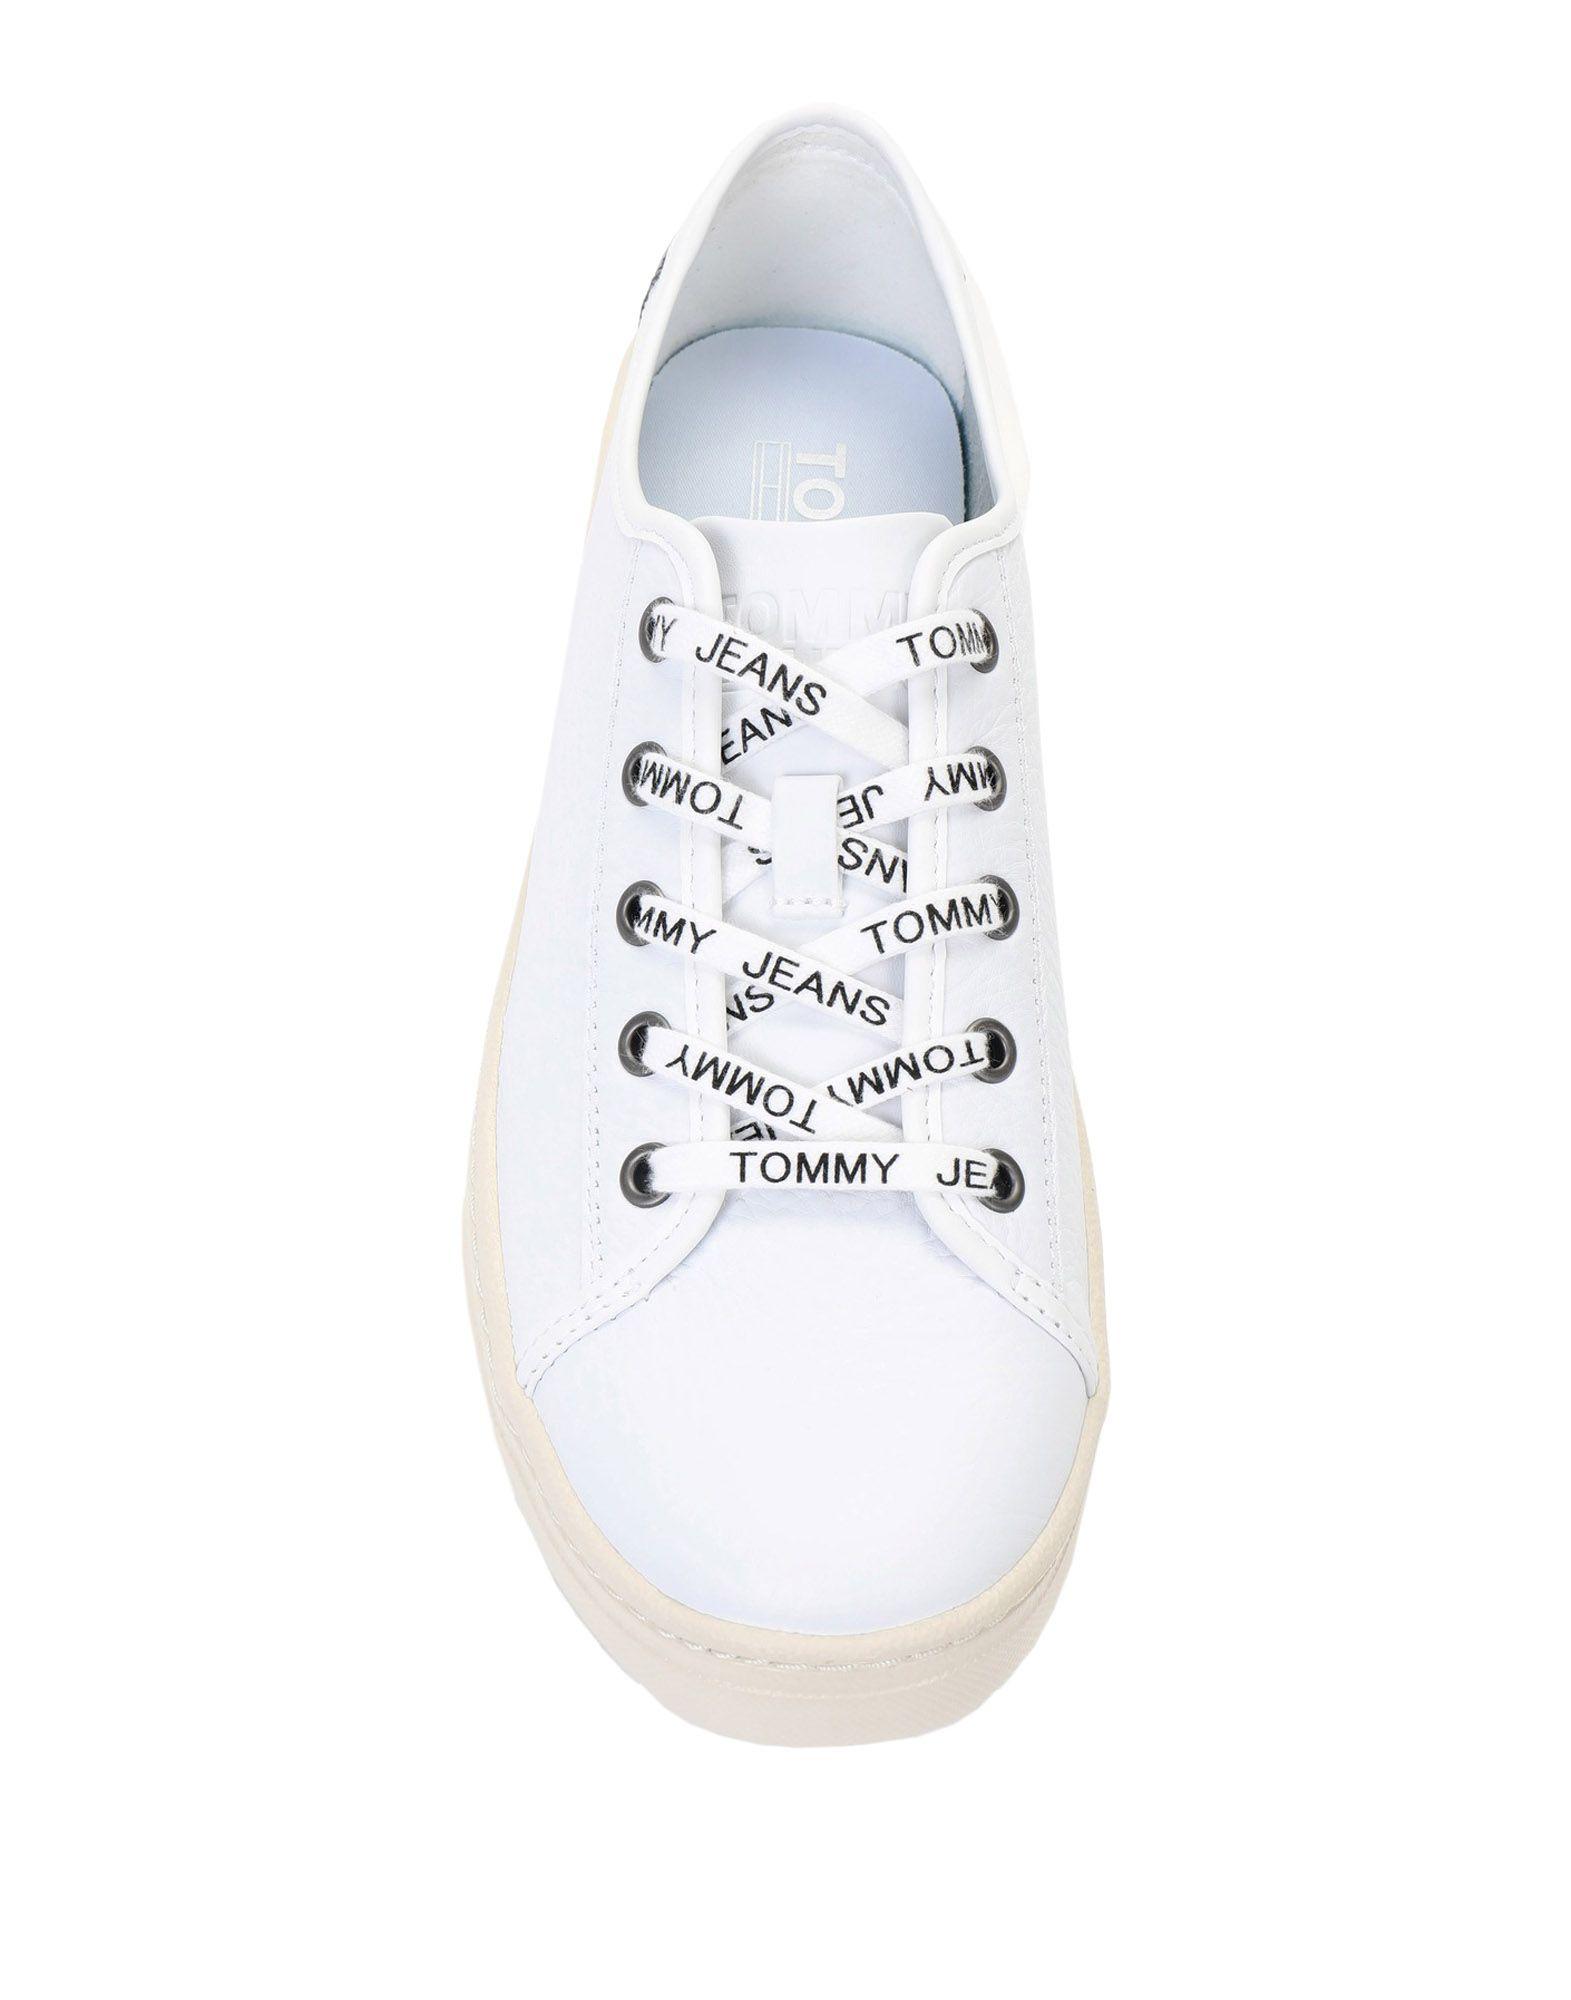 Tommy Jeans Tommy Leder Jeans Light Leder Tommy Niedrig Gutes Preis-Leistungs-Verhältnis, es lohnt sich 1213bc